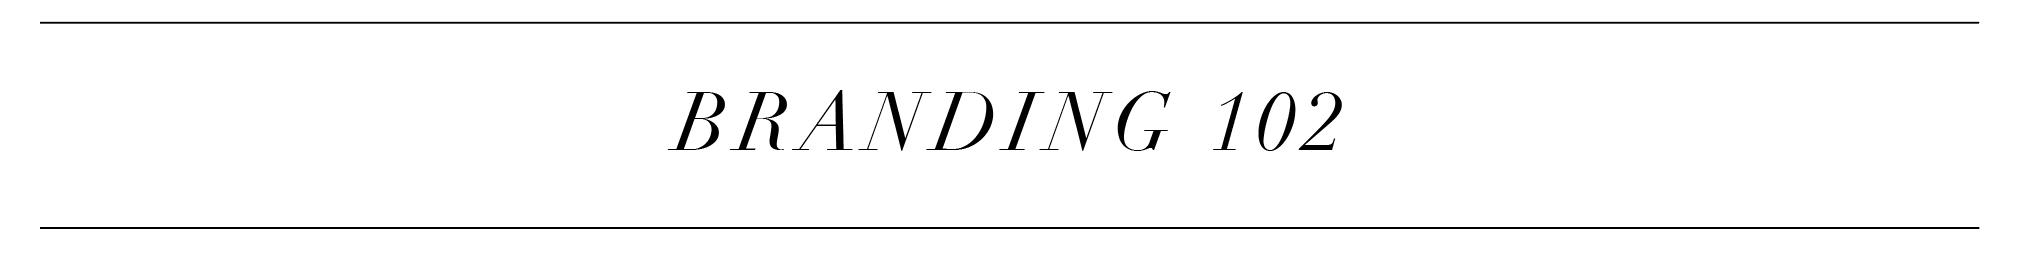 Branding 102.png